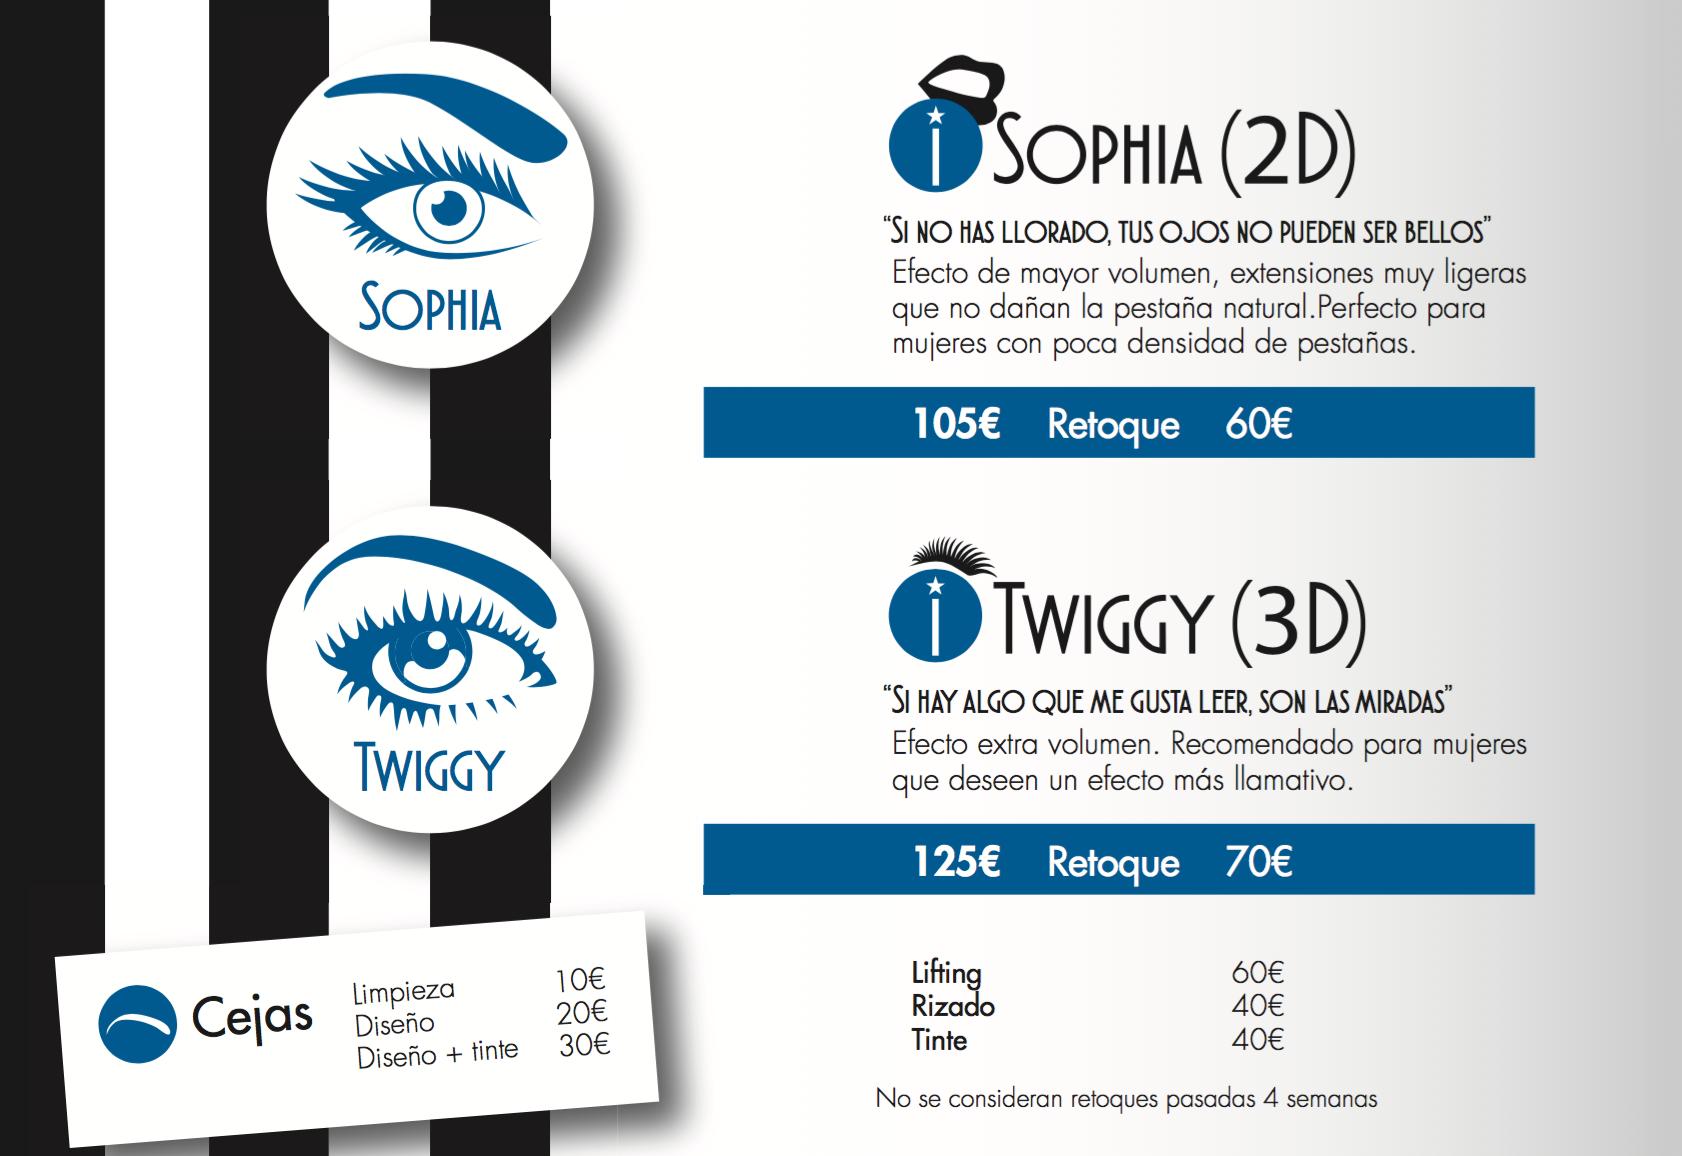 twiggy-extensiones-de-pestañas-baratas-Madrid-blog-de-moda-ChicAdicta-como-tener-pestañas-largas-PiensaenChic-Piensa-en-Chic